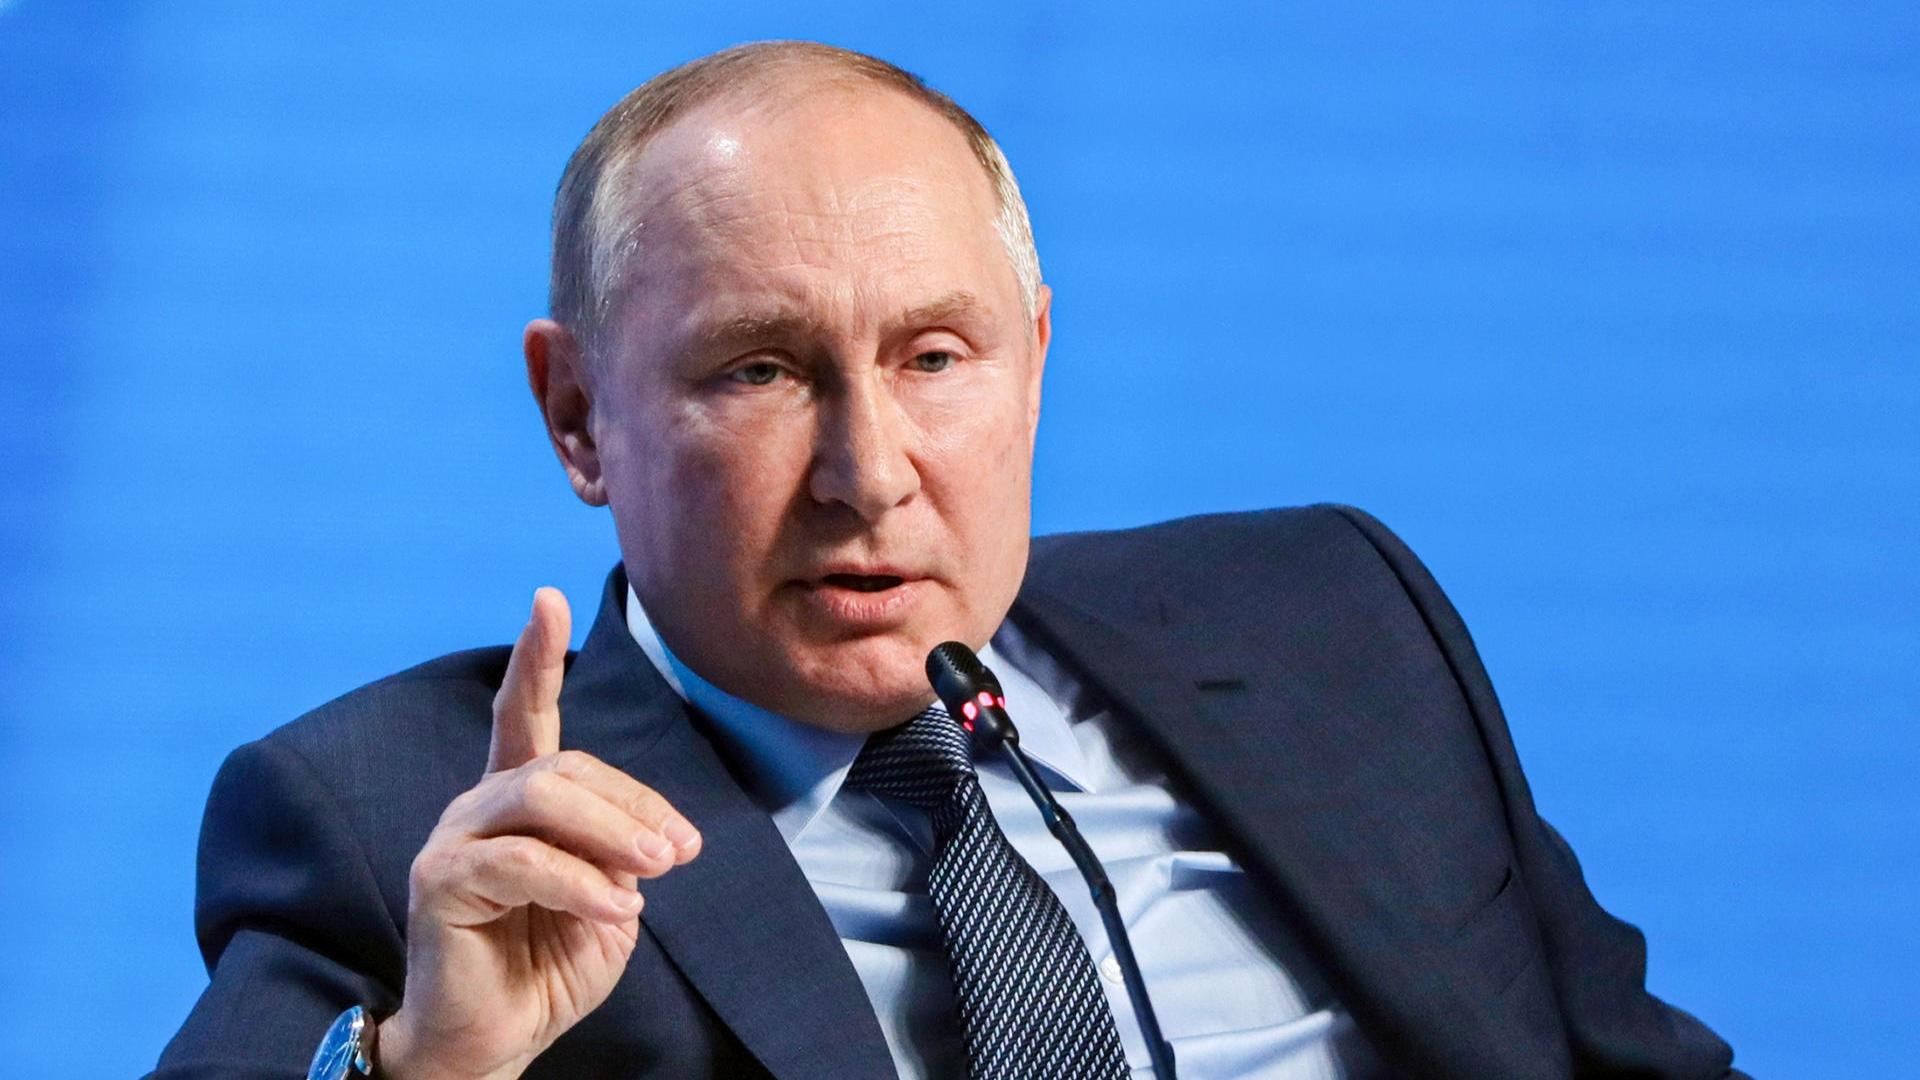 Khủng hoảng năng lượng: Tổng thống Nga nói về hành động vô nghĩa, lộ dự án mới với Trung Quốc. (nguồn: AP)